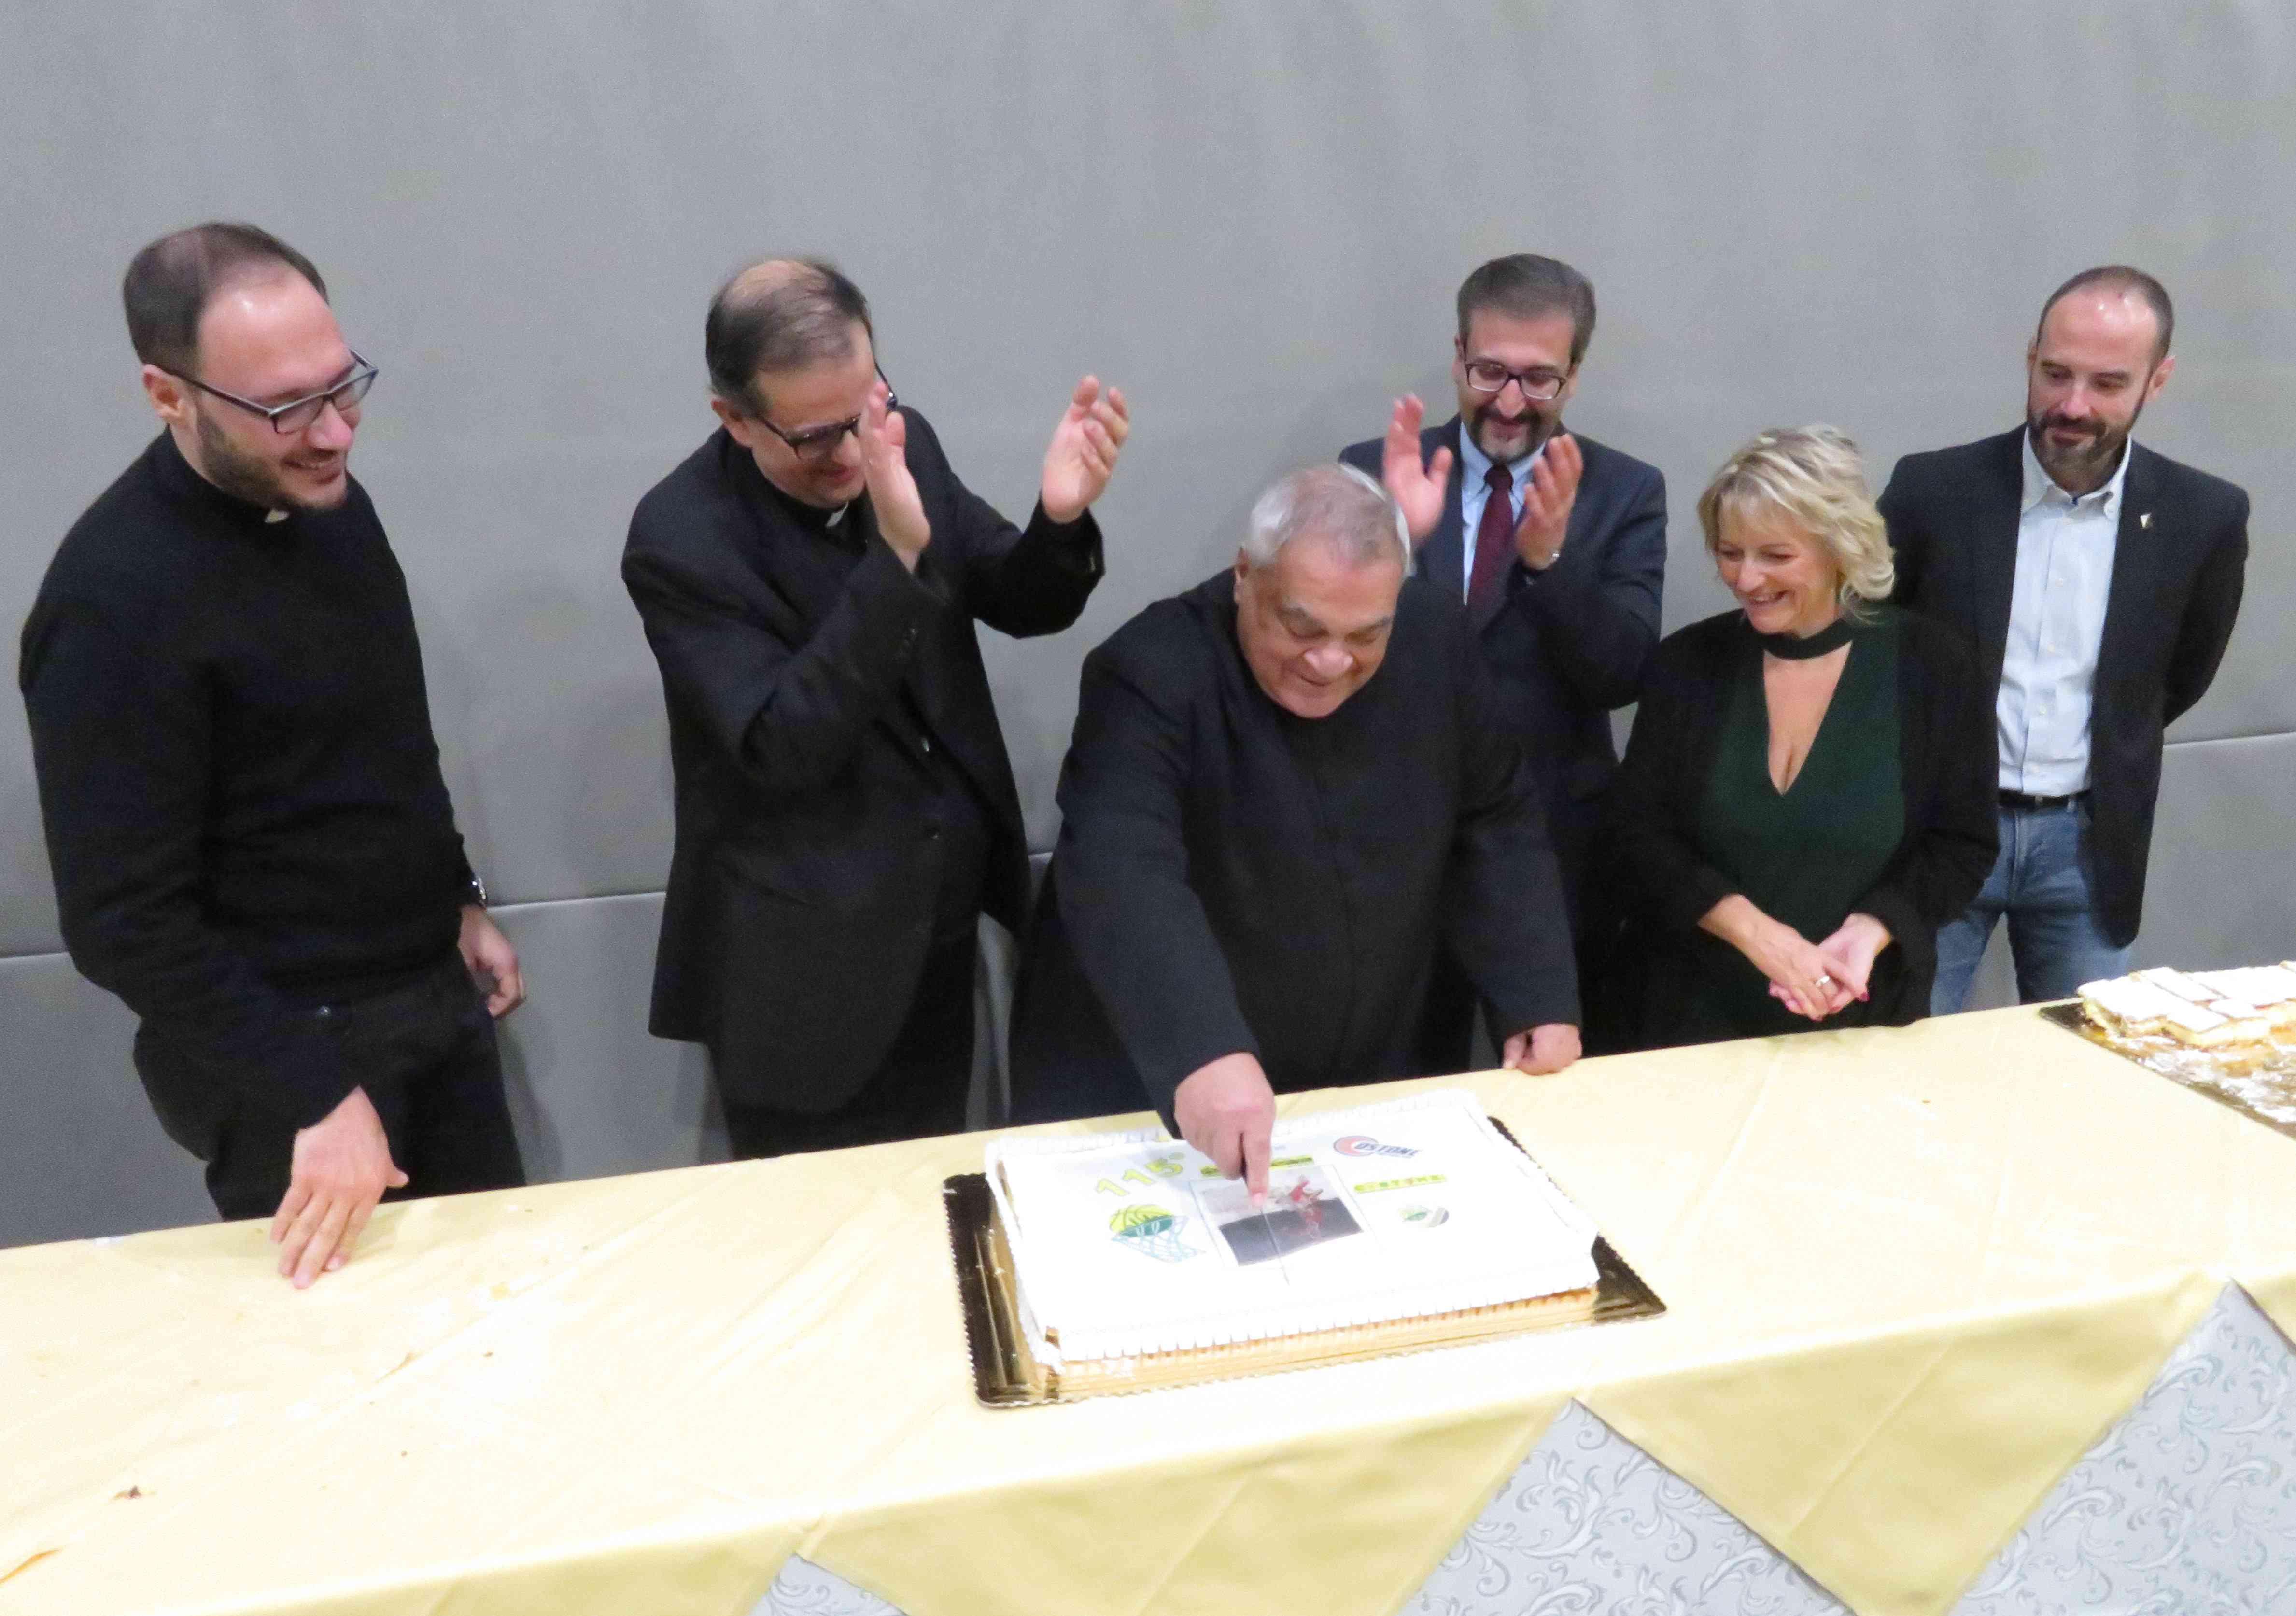 Don Emanuele Salvatori, l'Arcivescovo Lojudice, Mons. Gaetano Rutilo e i presidenti delle società Costoniane